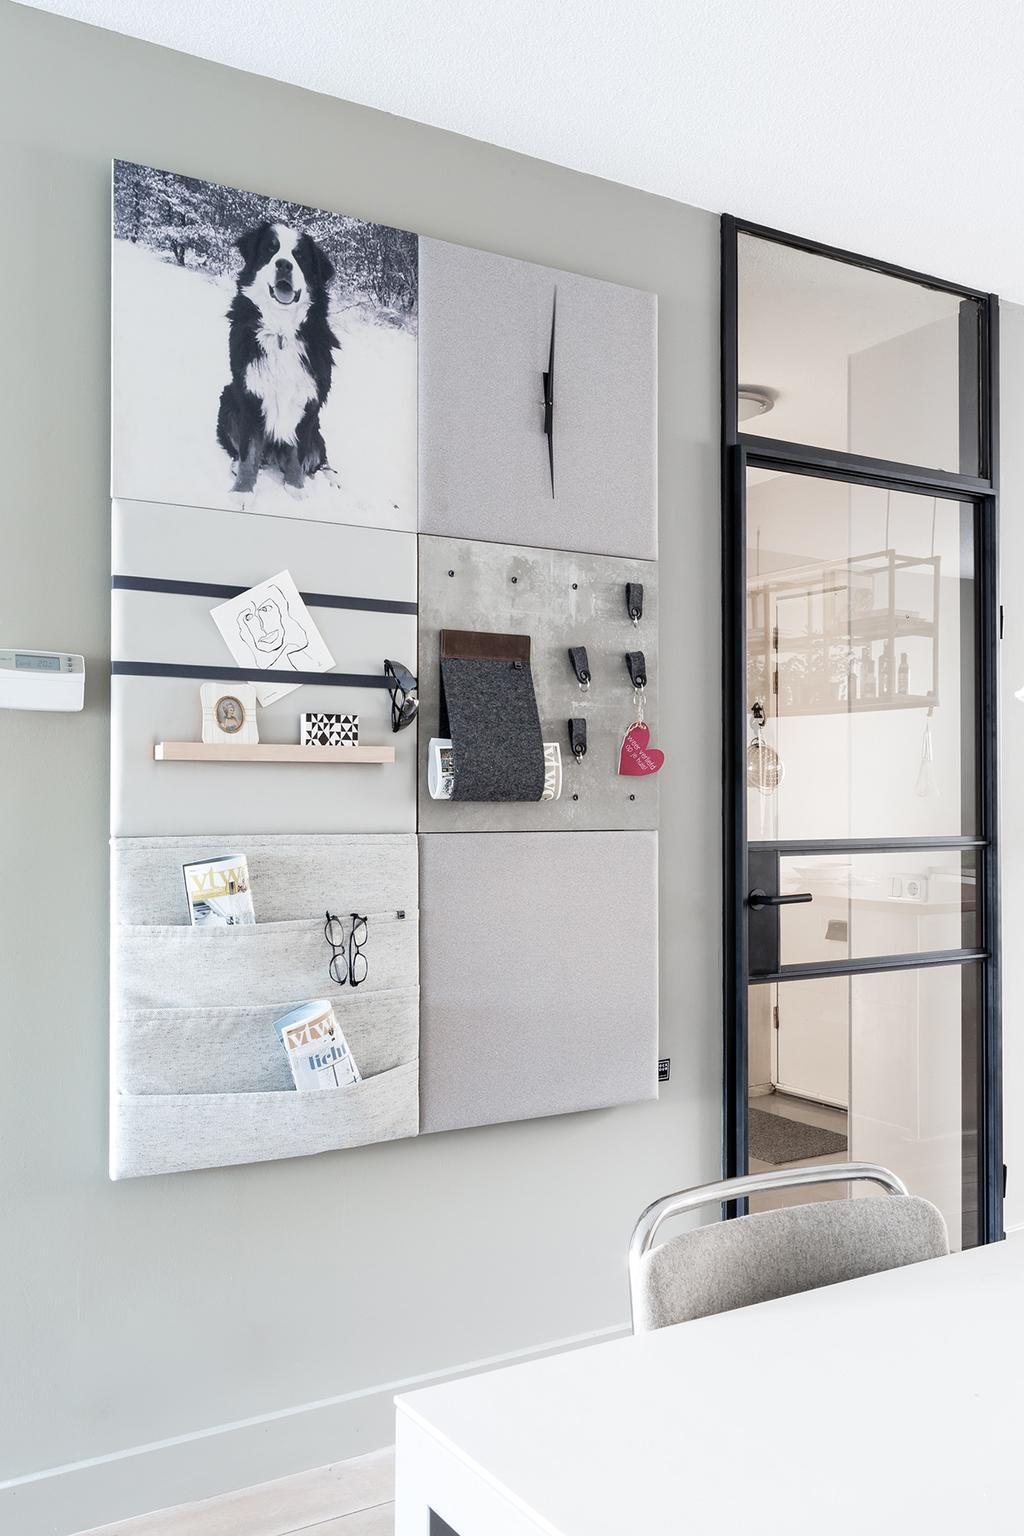 Stylepad aan de muur in eetkamer